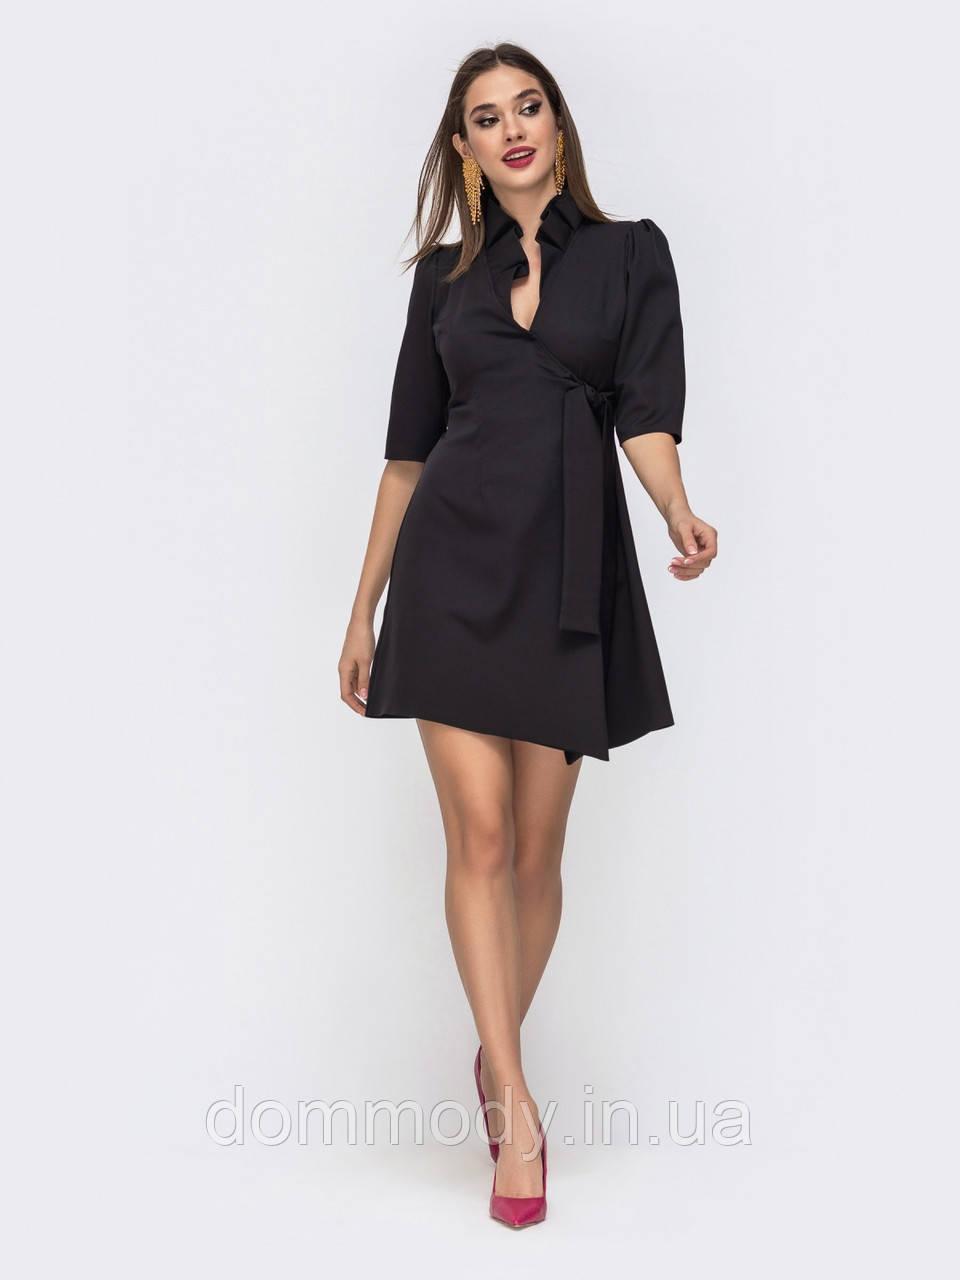 Платье женское Barbara black